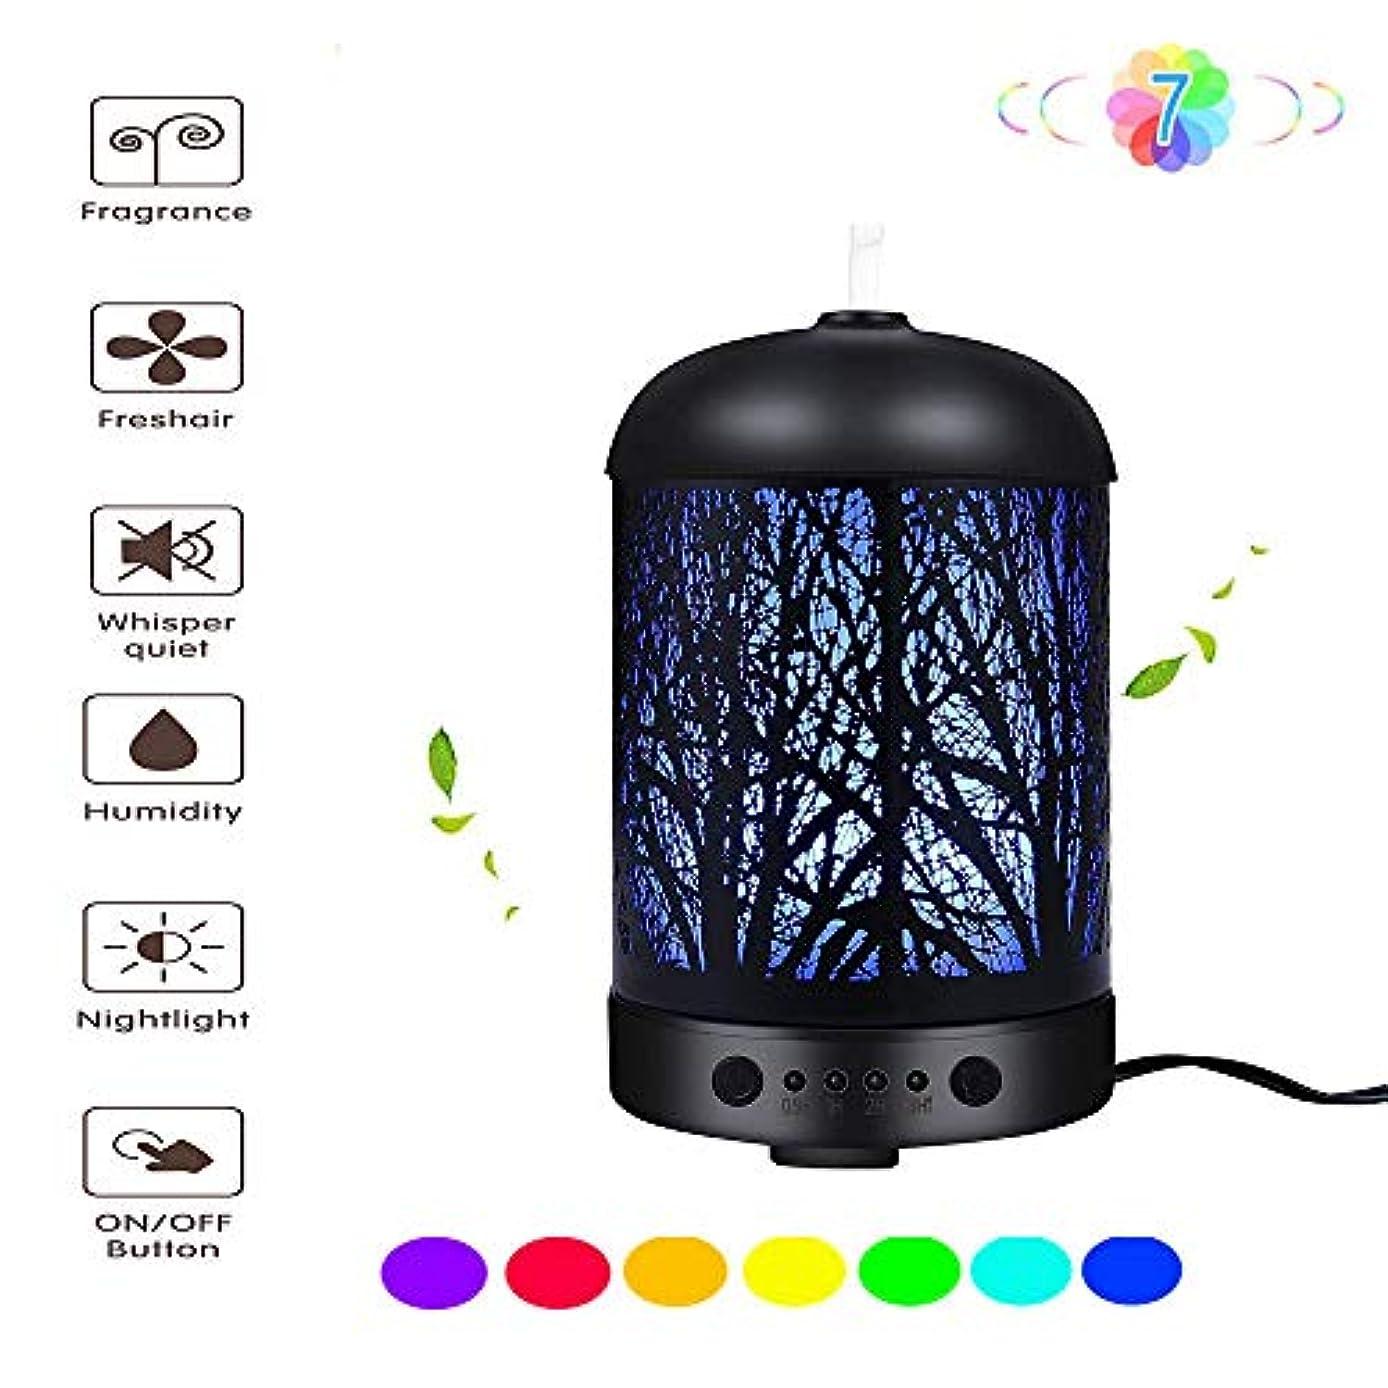 イベントソートミントマジックフォレスト100mlアロマエッセンシャルオイルディフューザー - 超音波クールミスト加湿器 - 魅力的な7色LEDナイトライト - ホームとオフィスのベッドルーム